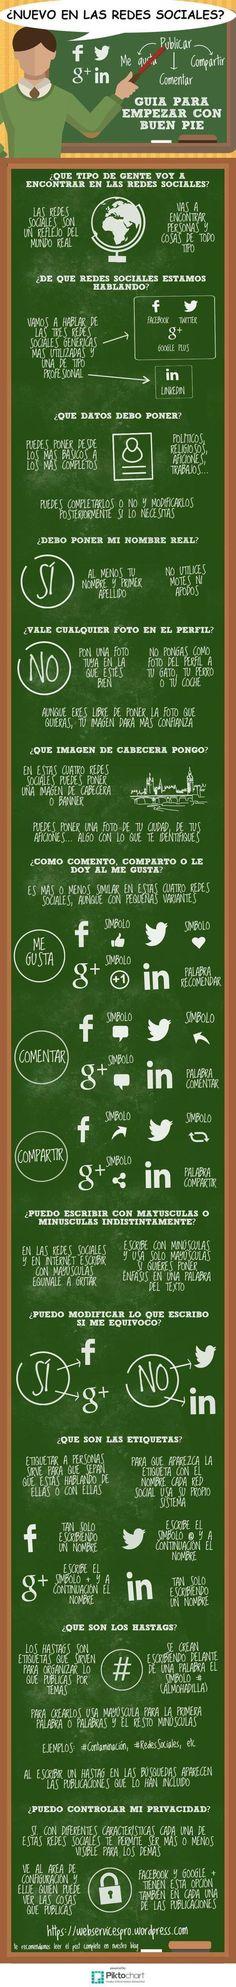 Guía para comenzar con buen pie en las Redes Sociales | TIC & Educación | Scoop.it